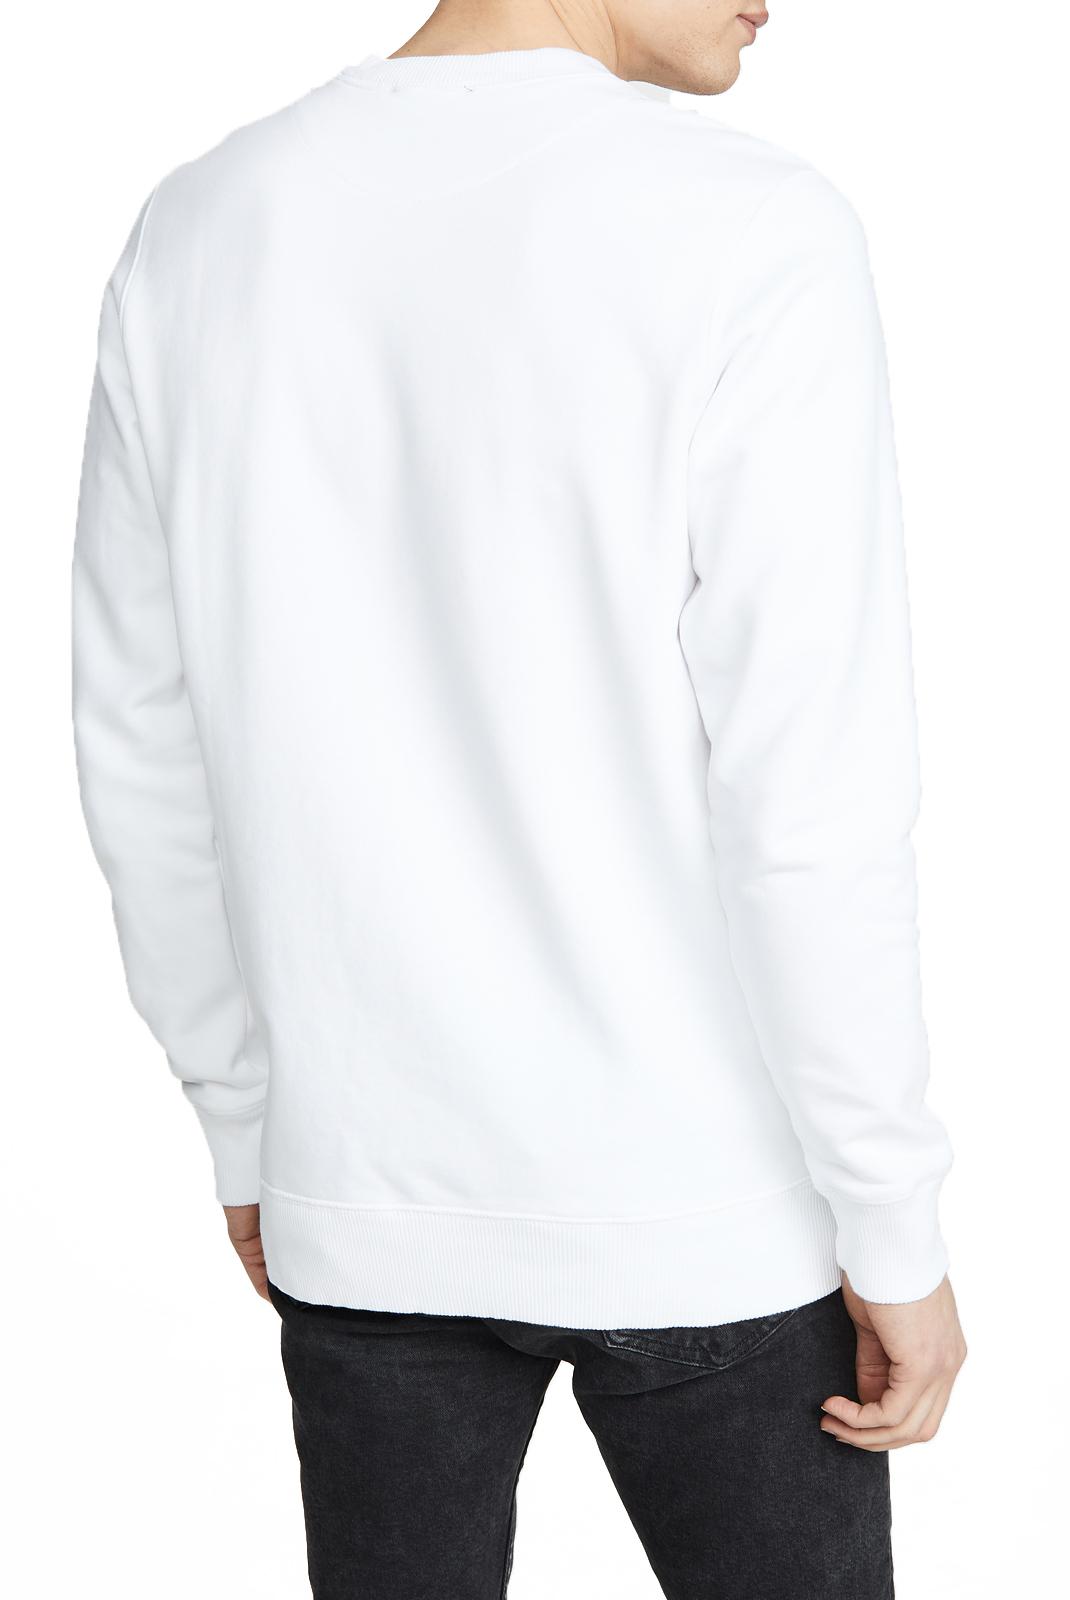 Sweatshirts  Diesel S-GIR  DIE BLANC